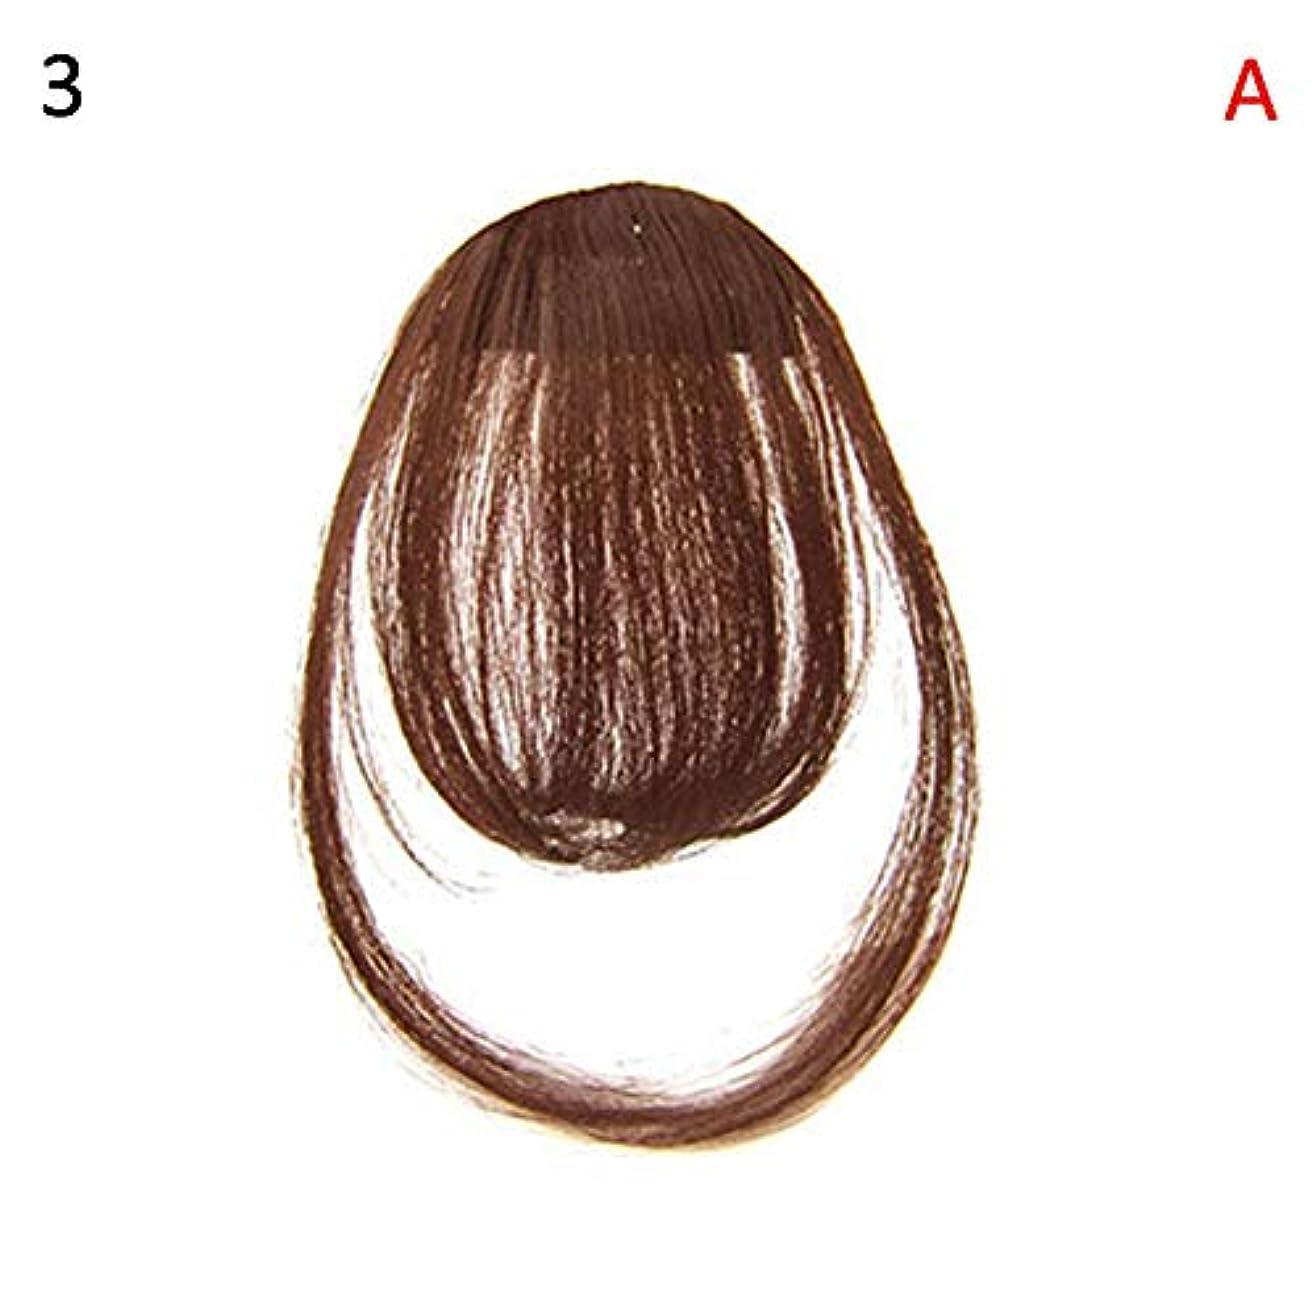 先住民ペストリー印象slQinjiansav女性ウィッグ修理ツールファッションレディース薄いクリップオンエアバンフロントフリンジウィッグヘアエクステンションヘアピース